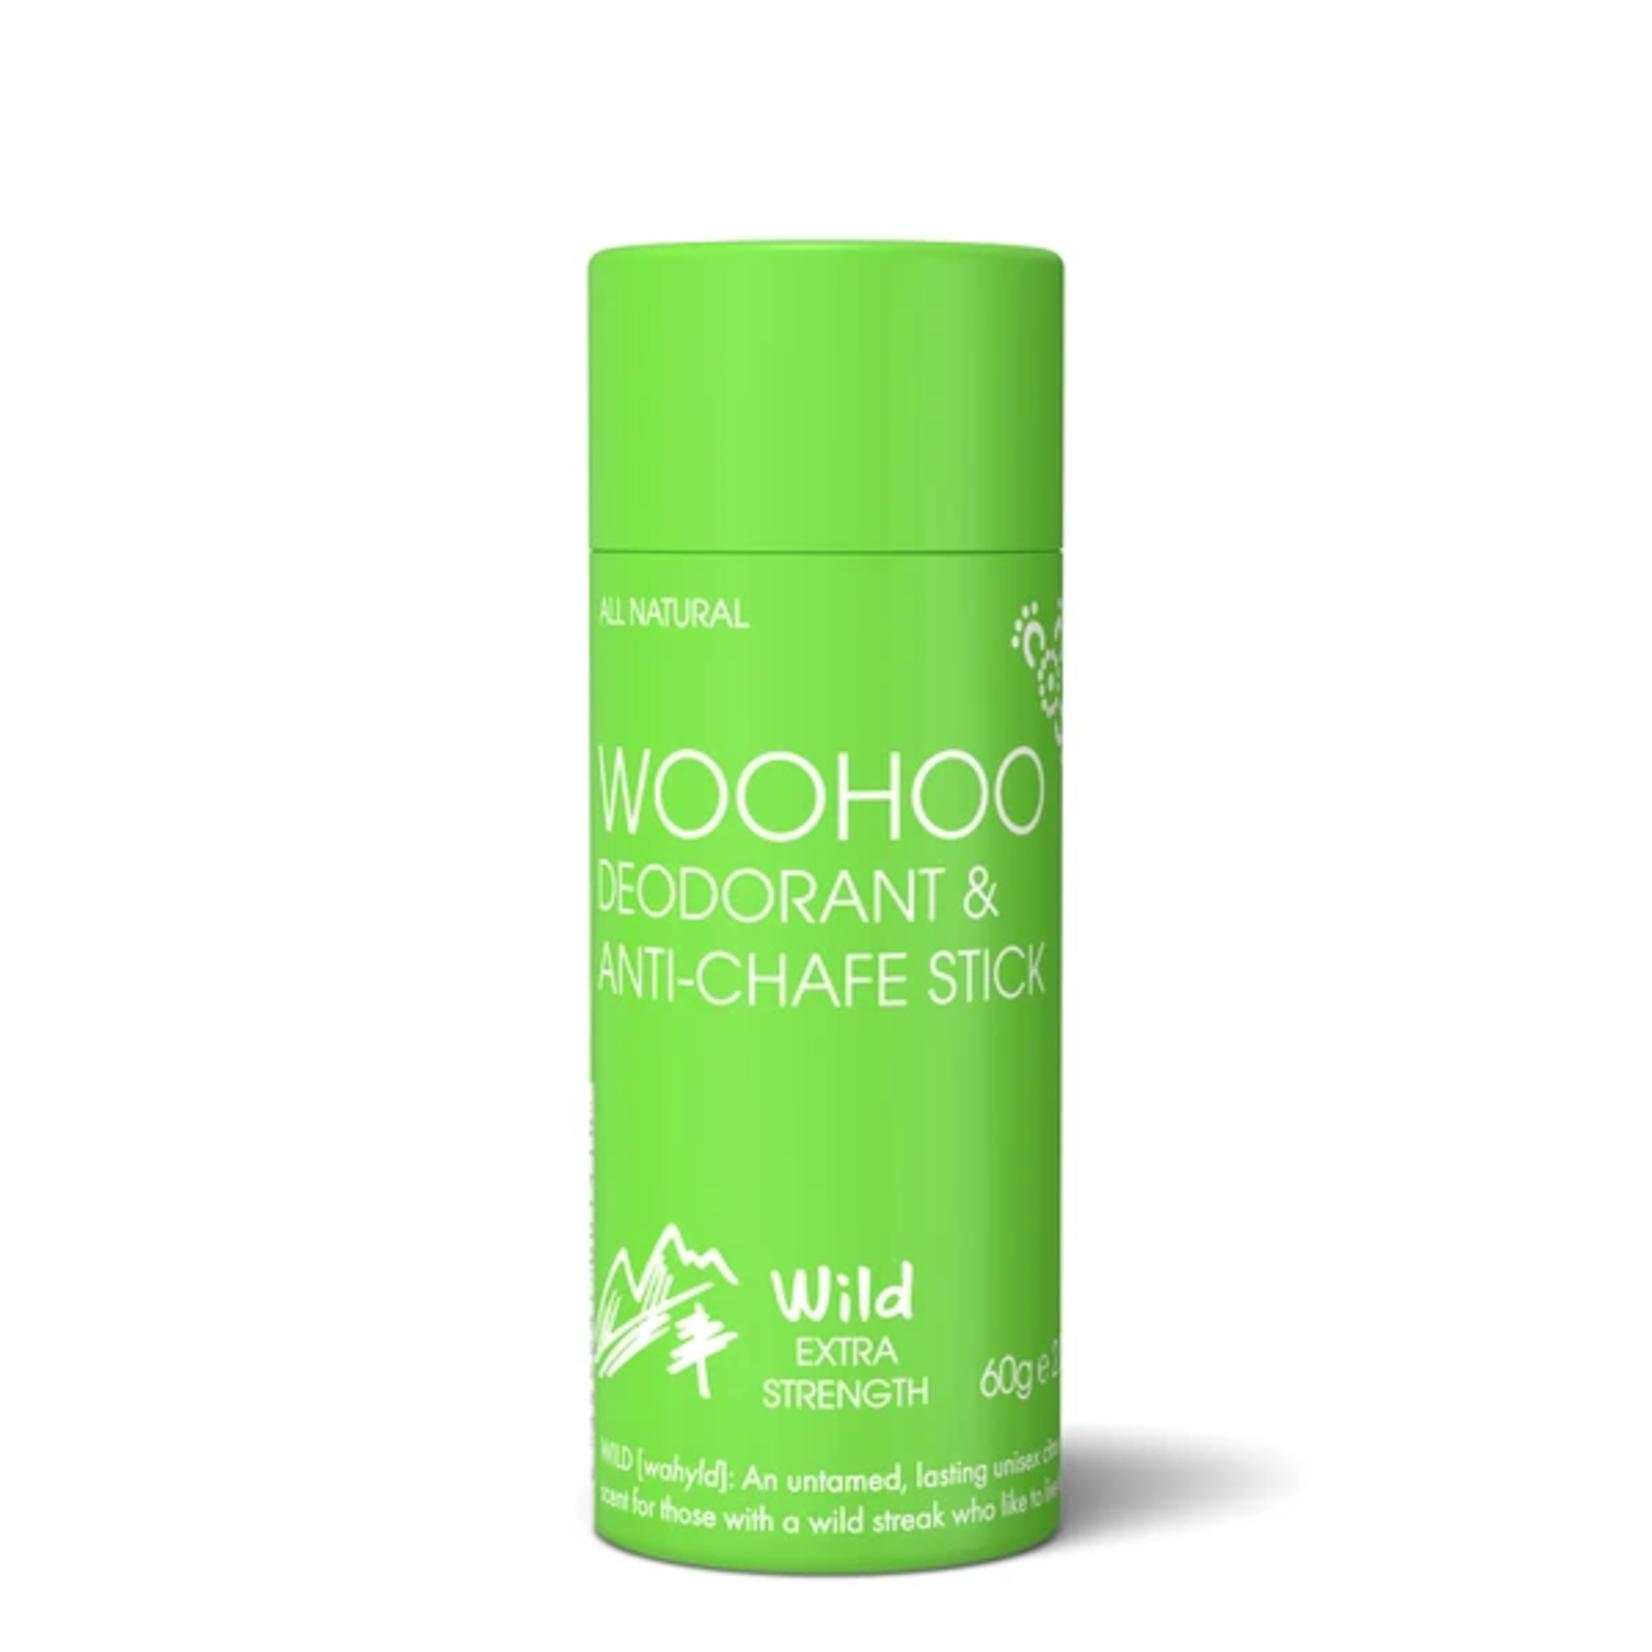 Woohoo Body Woohoo deodorant & anti-chafe stick